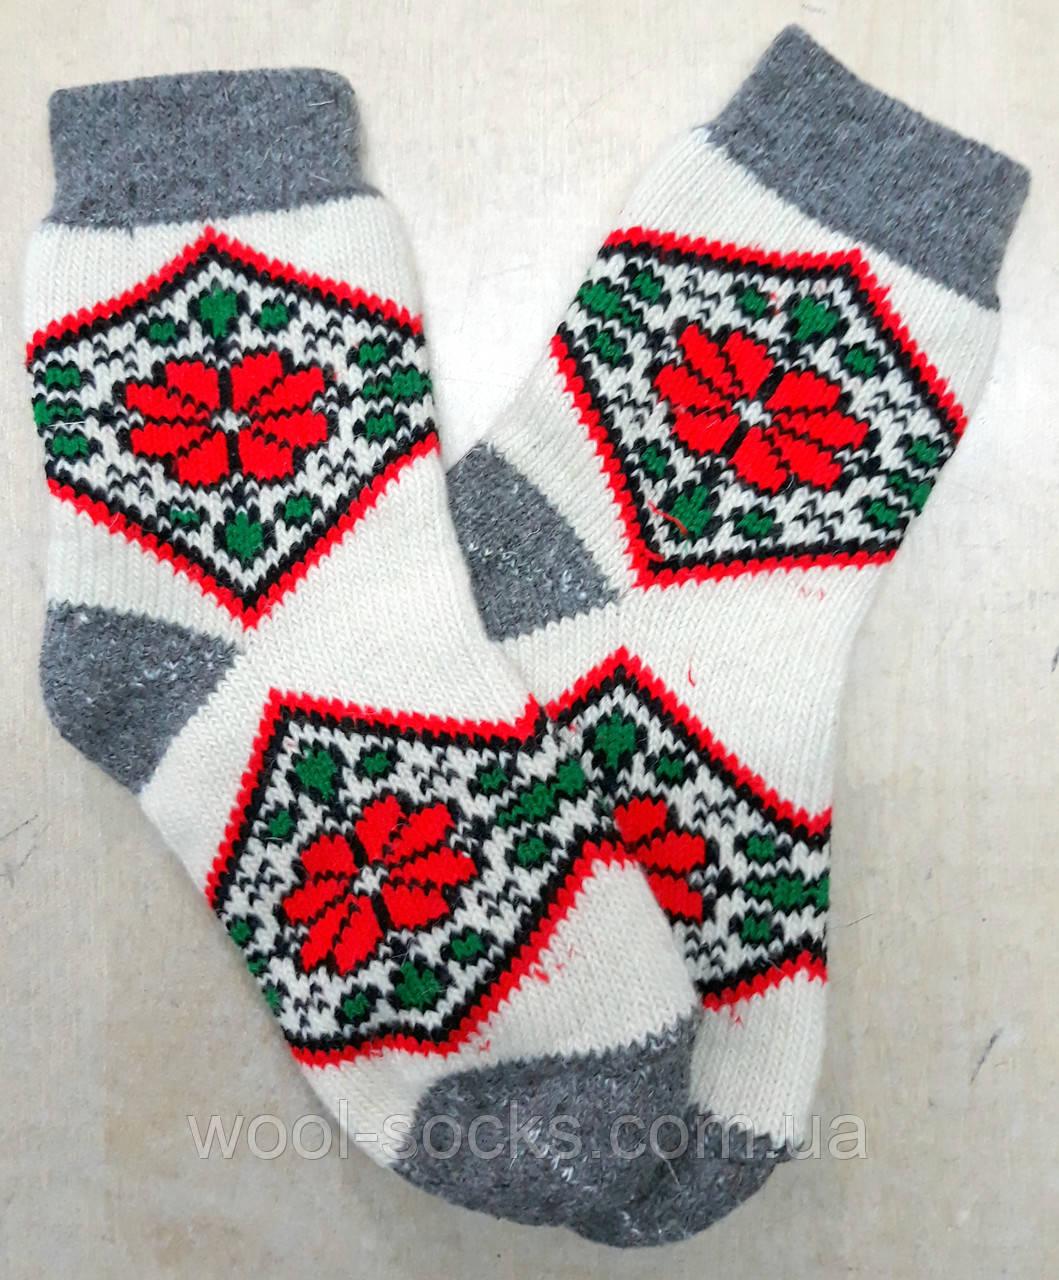 Носки из натуральной шерстяной пряжи